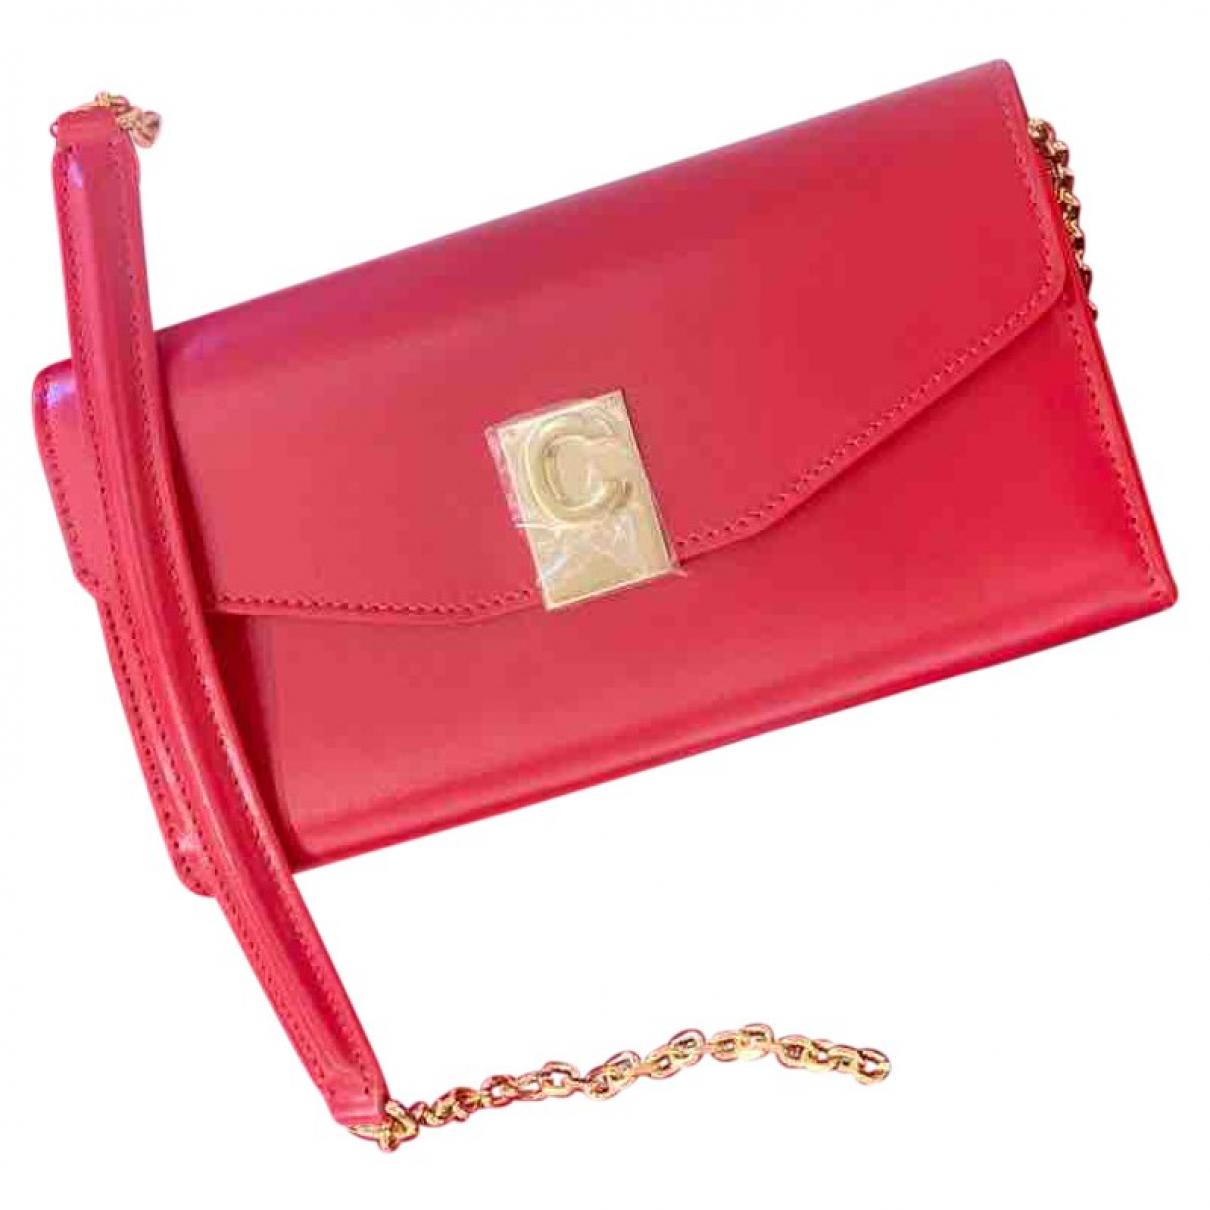 Celine - Pochette C charm pour femme en cuir - rouge